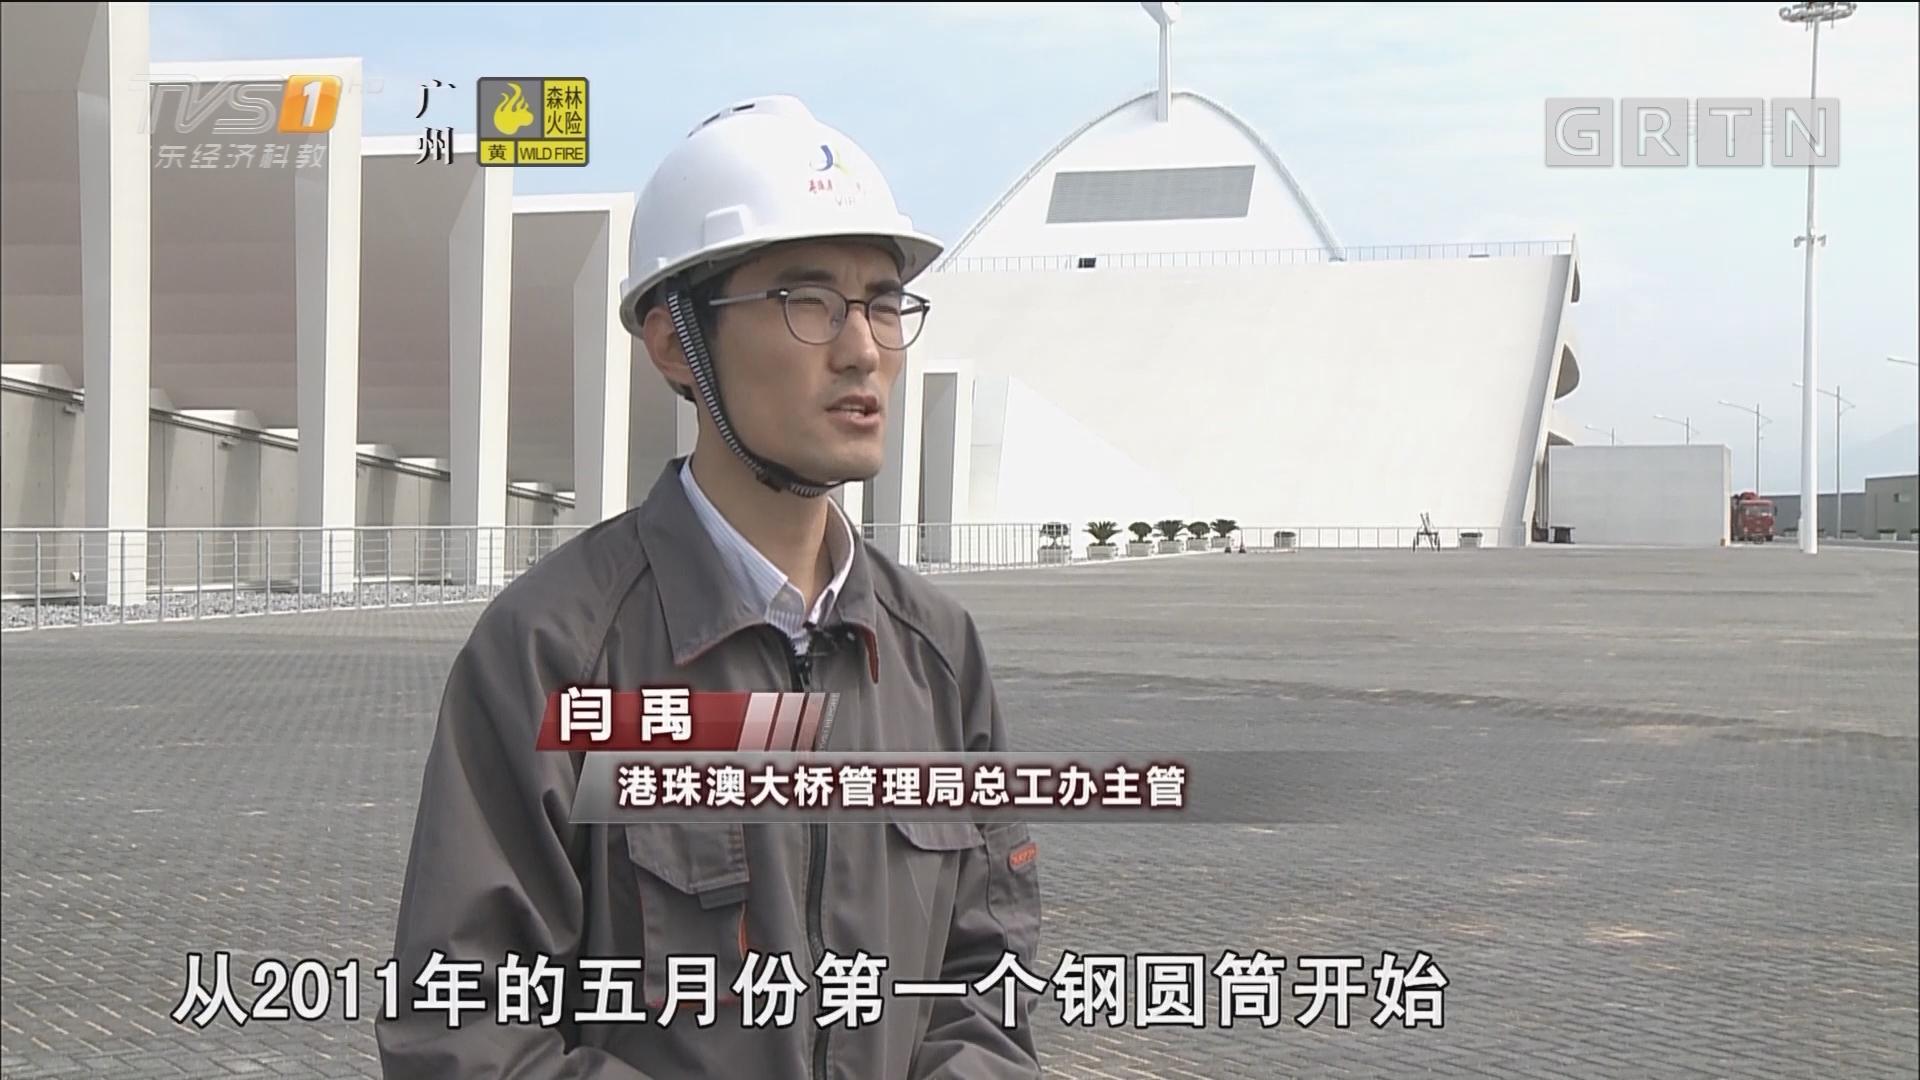 超级工程在广东:世界建桥史上的奇迹——港珠澳大桥(2)